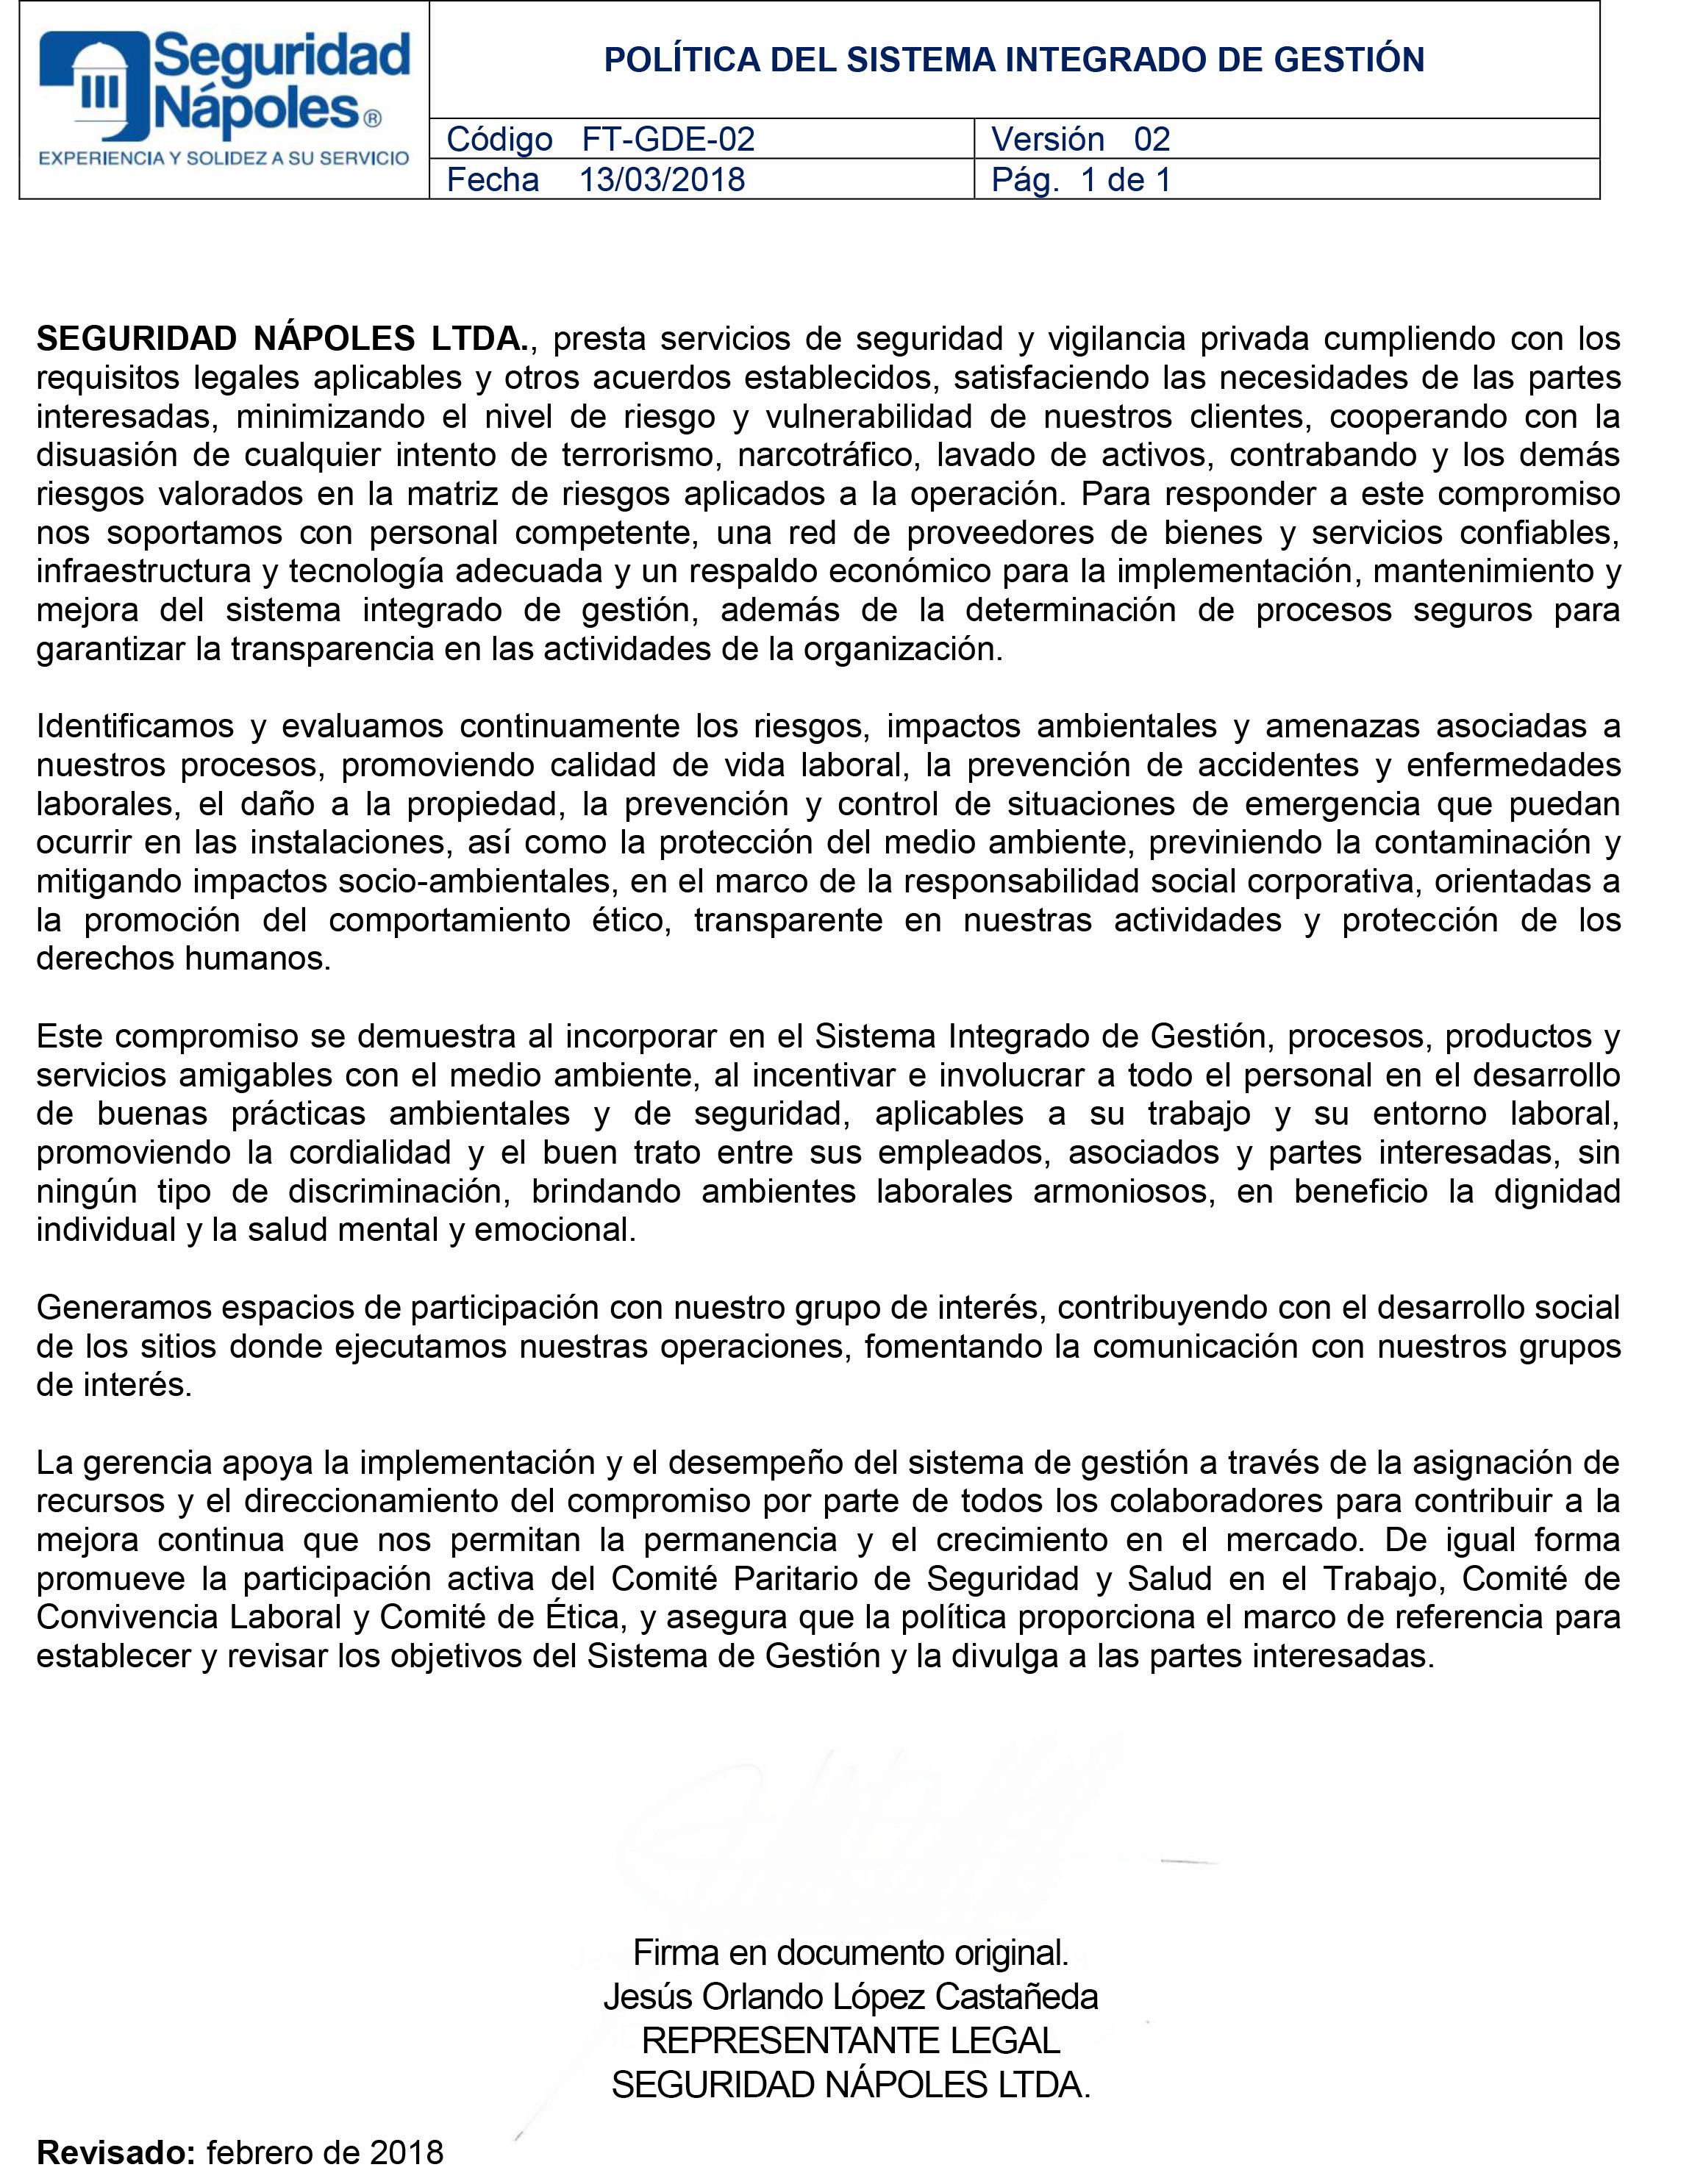 FT-GDE-02 POLÍTICA DEL SISTEMA INTEGRADO DE GESTIÓN V2